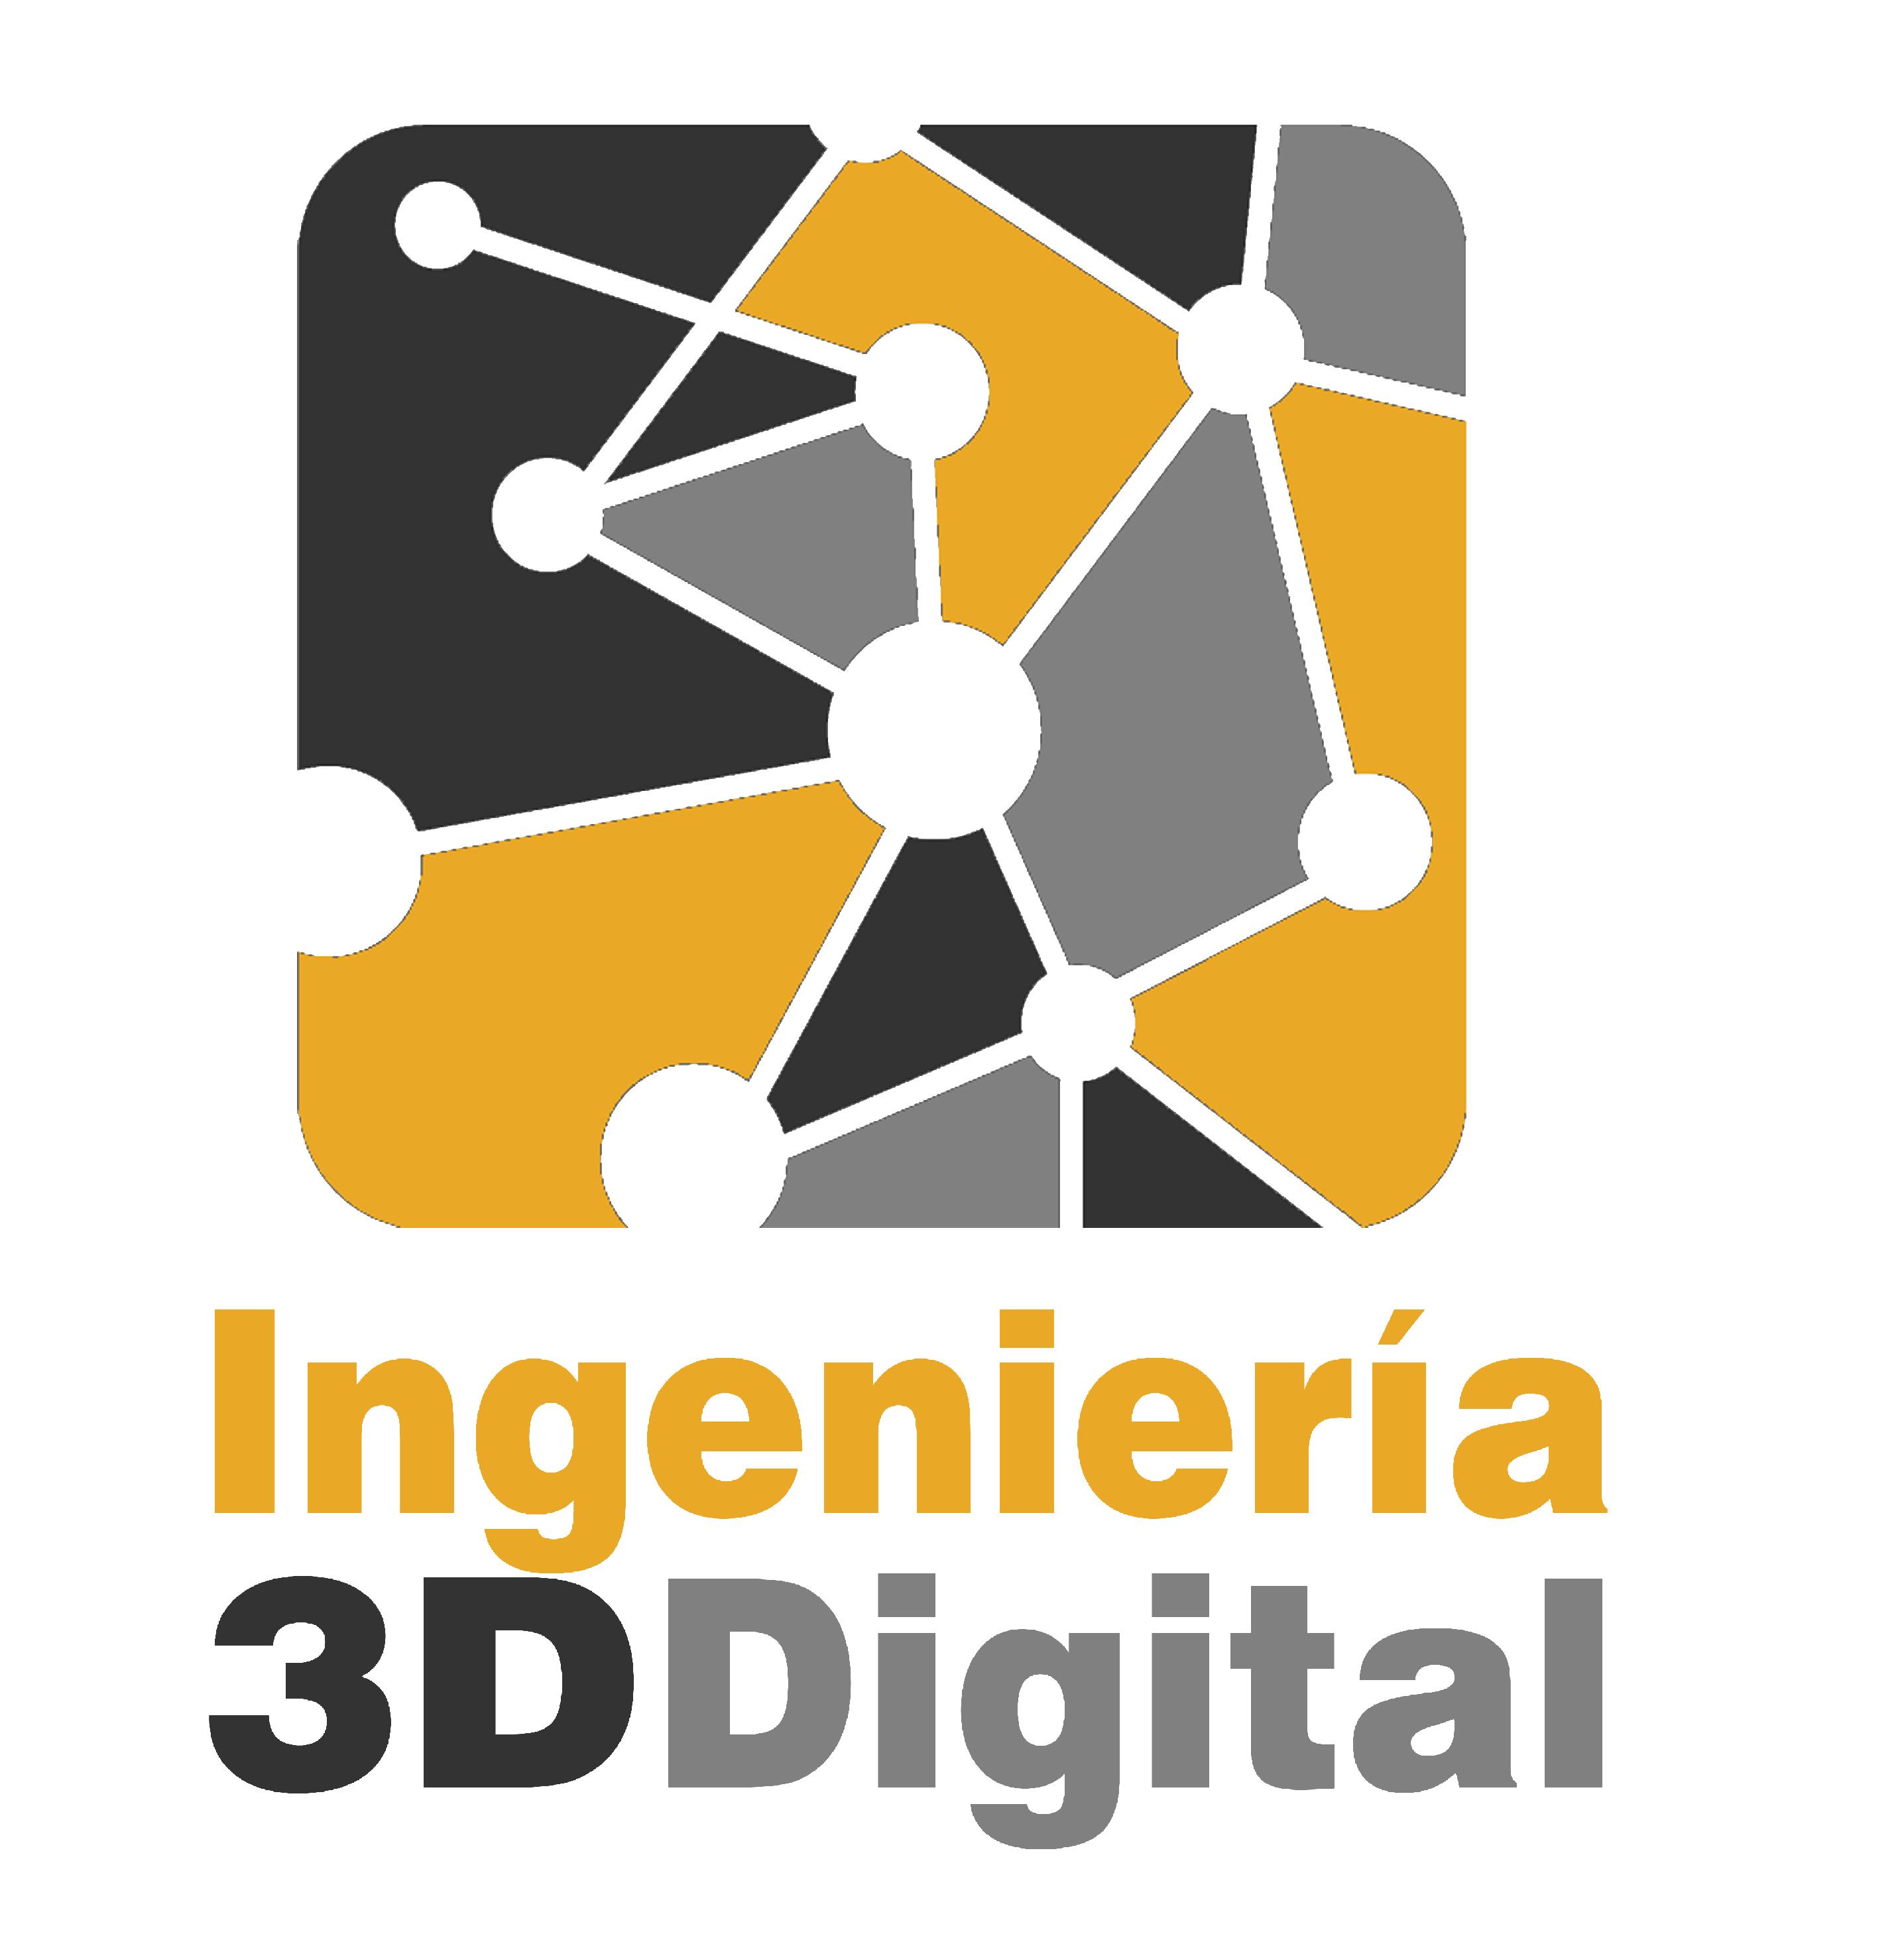 Ingeniería 3D Digital